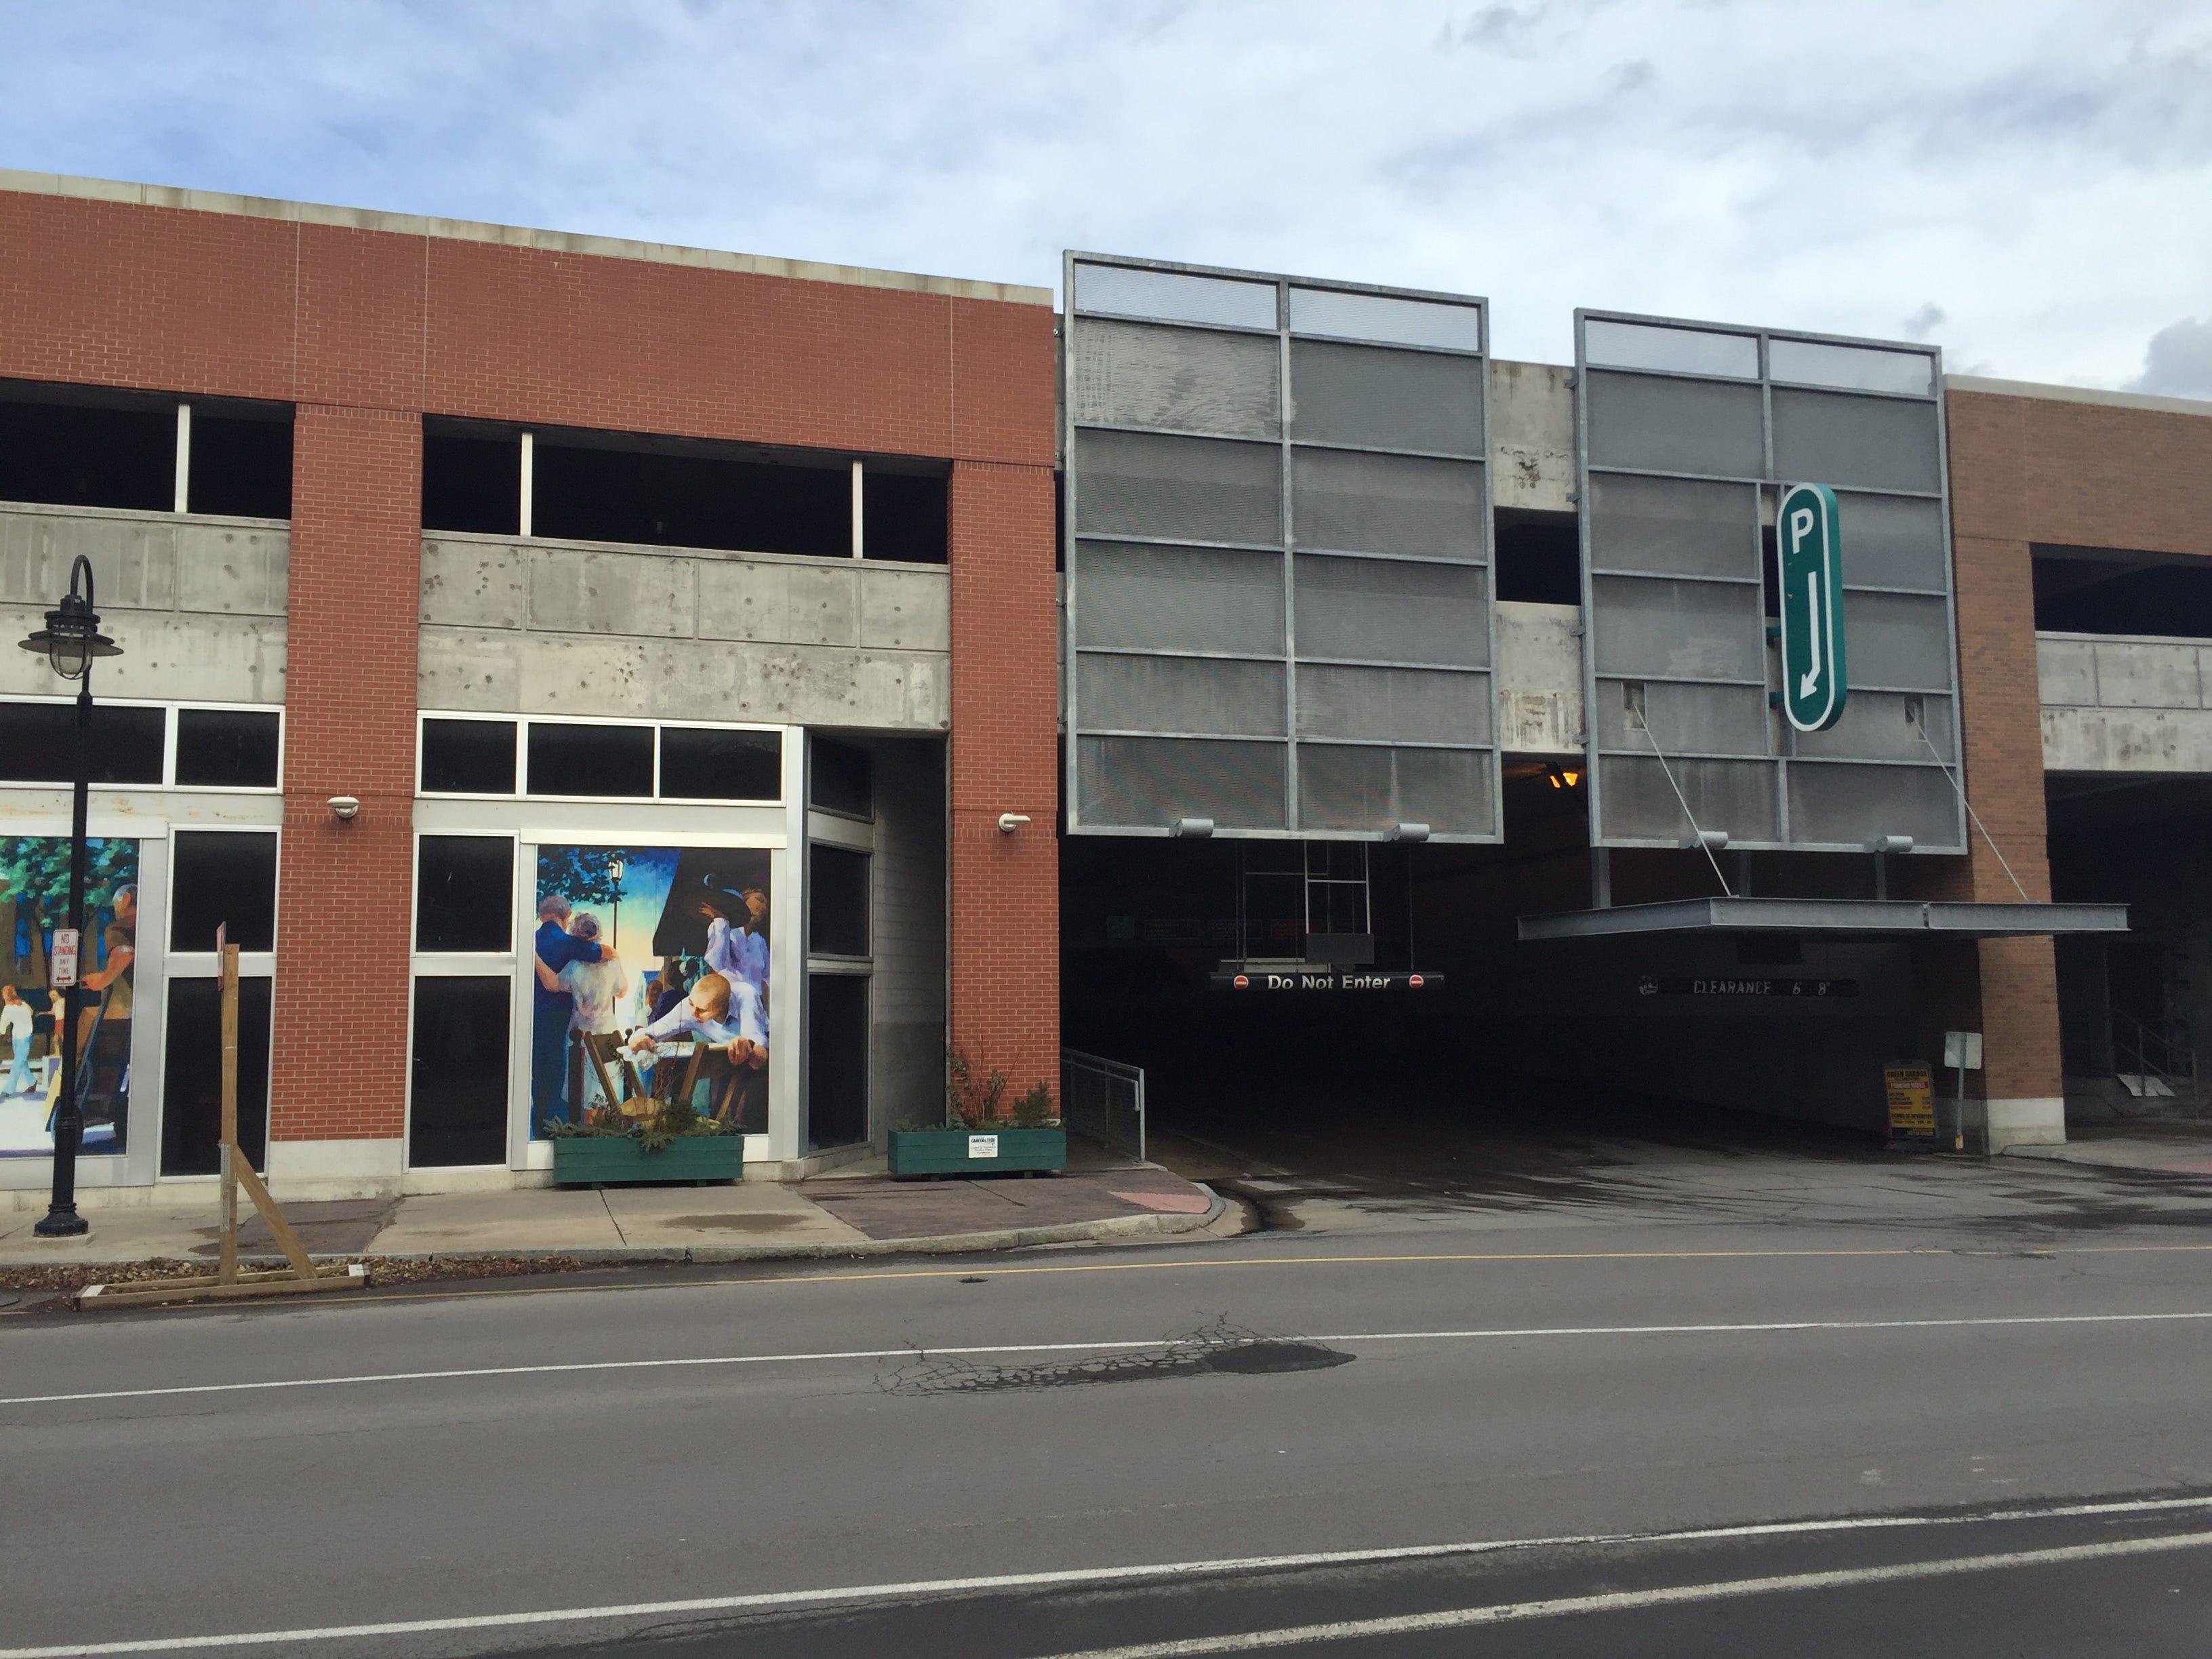 The Green Street Parking Garage, at 120 E. Green St.